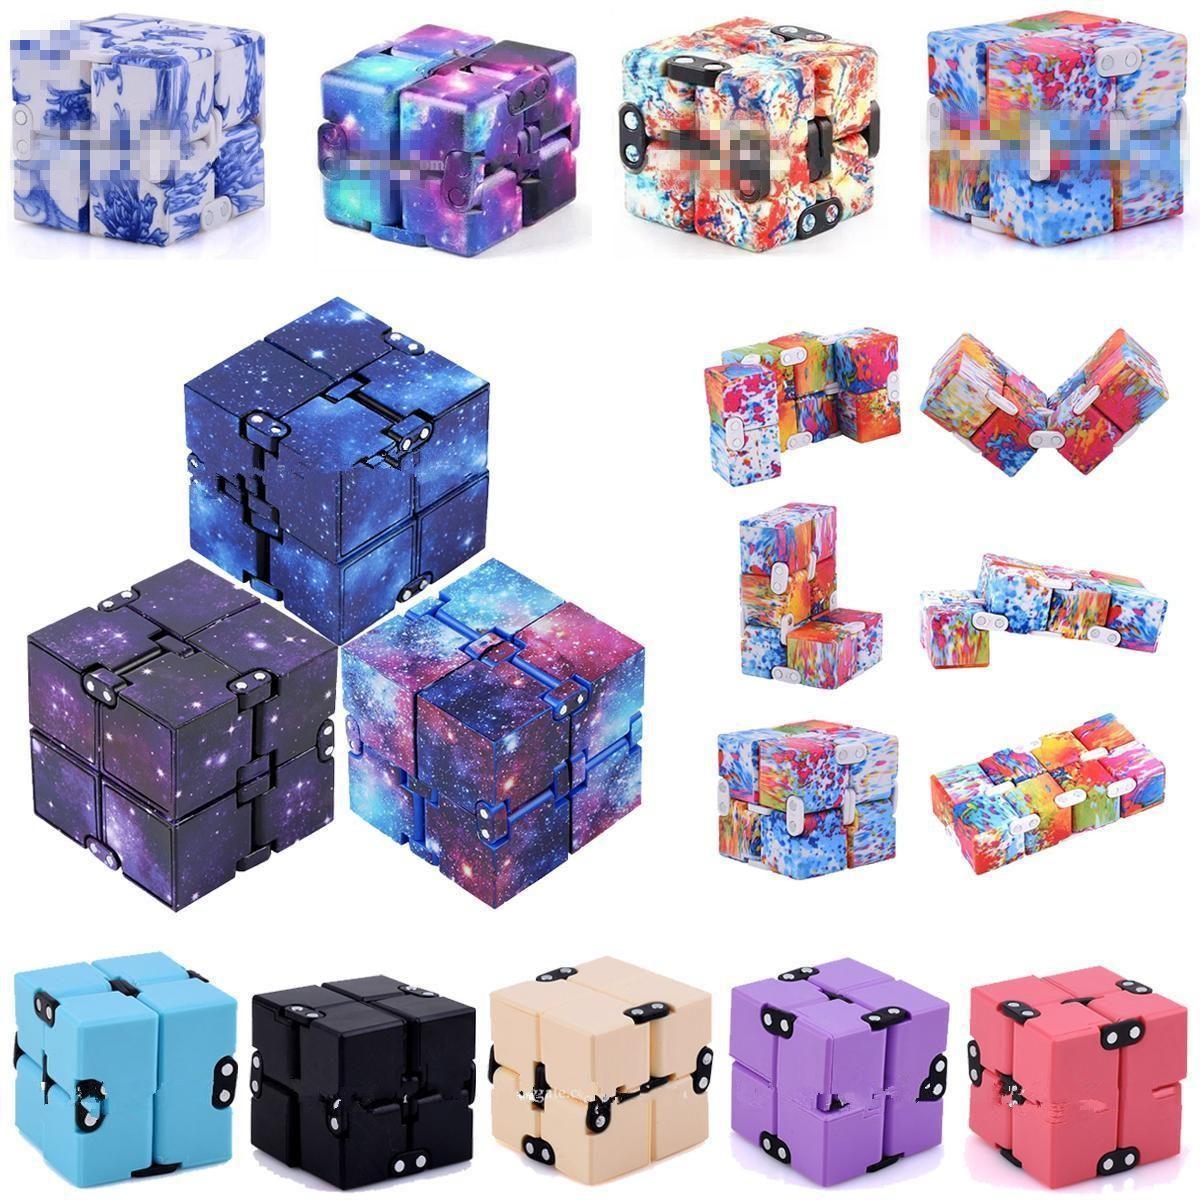 Infinity Christmas Magic Cube Creative Sky Fidget AntiTistress Giocattoli da ufficio Flip Cubic Puzzle Mini Blocchi Decompressione giocattolo DHL GRATIS